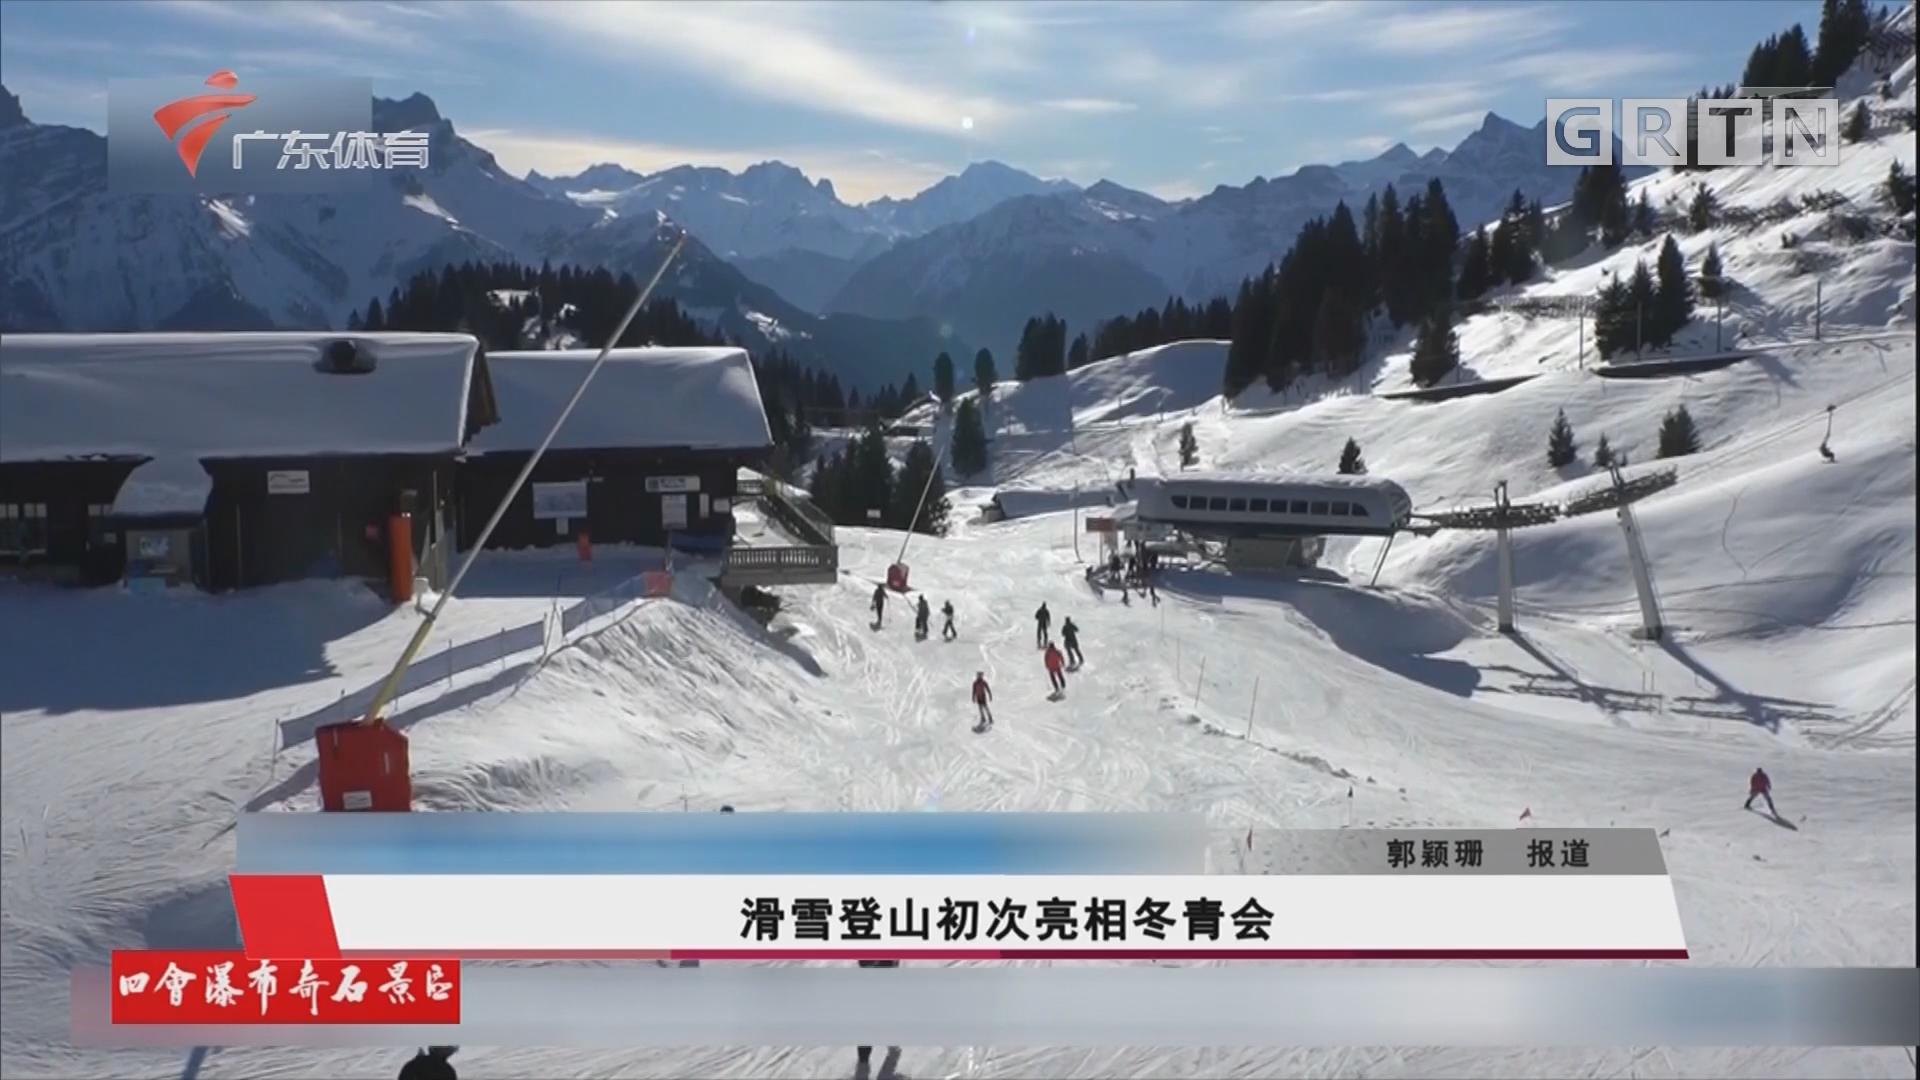 滑雪登山初次亮相冬青会